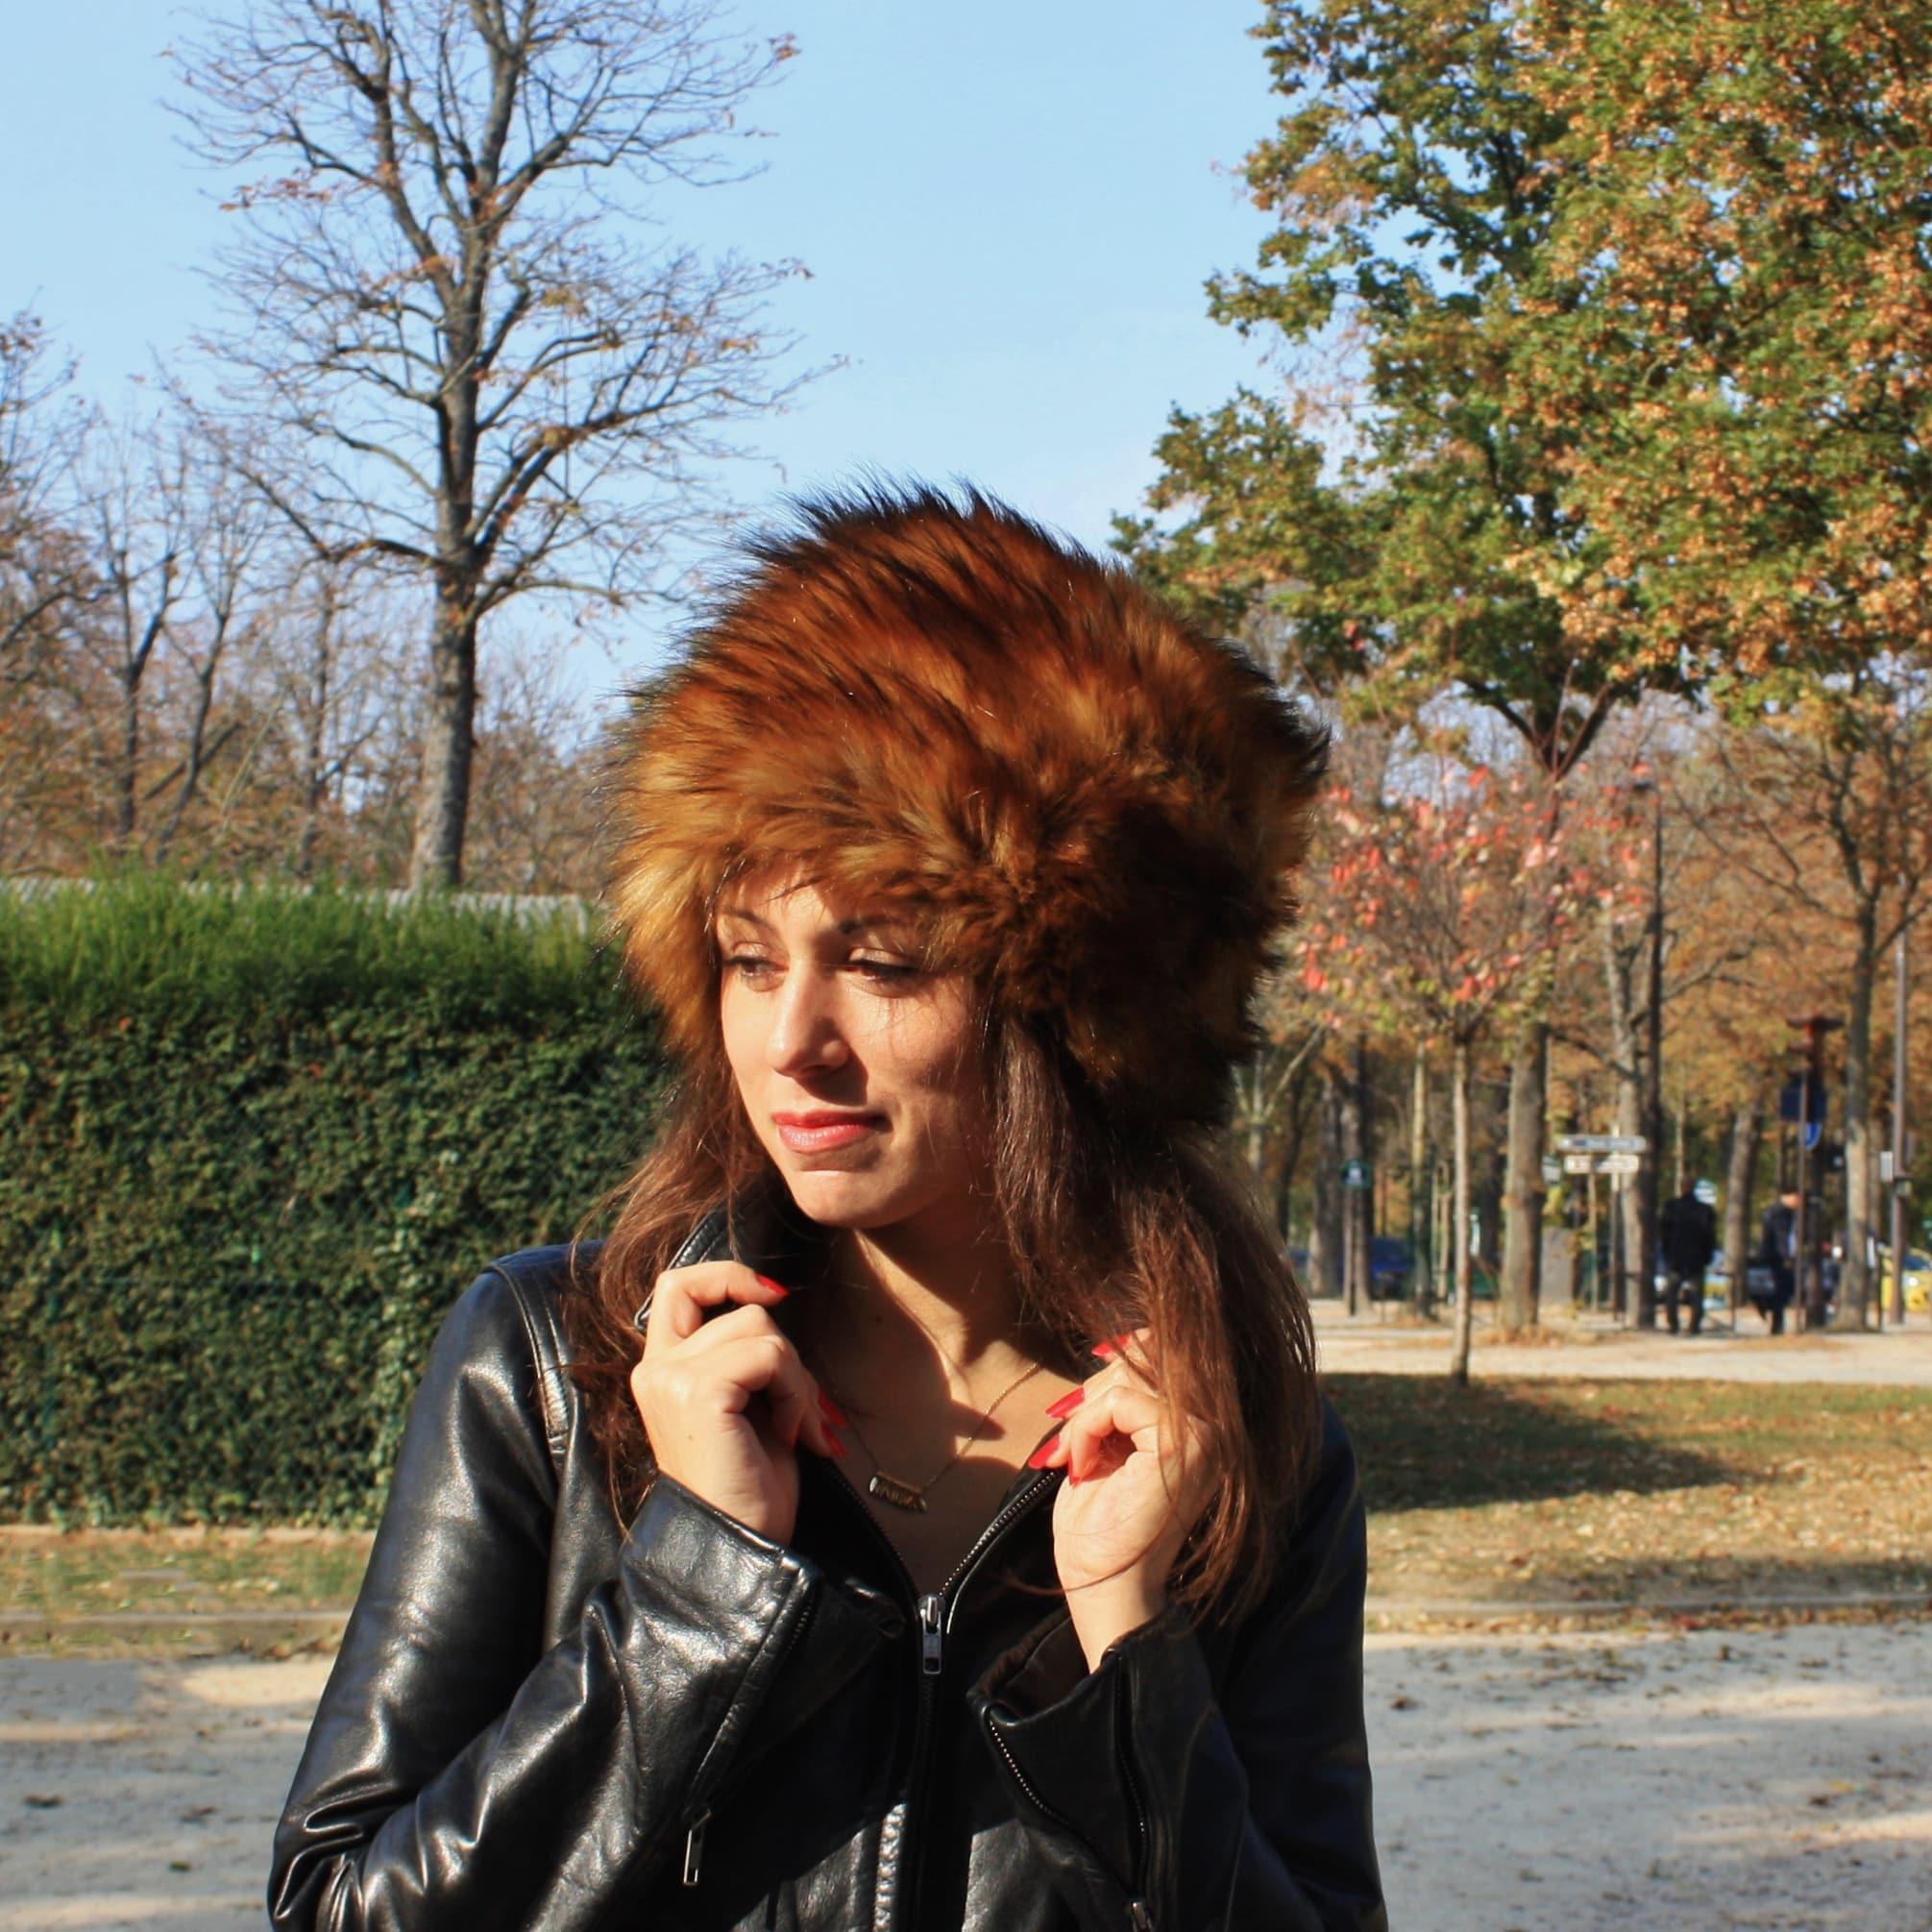 Toque en fausse fourrure raton laveur. Chapeau d'hiver en fourrure a poils longs couleur cuivre marron.